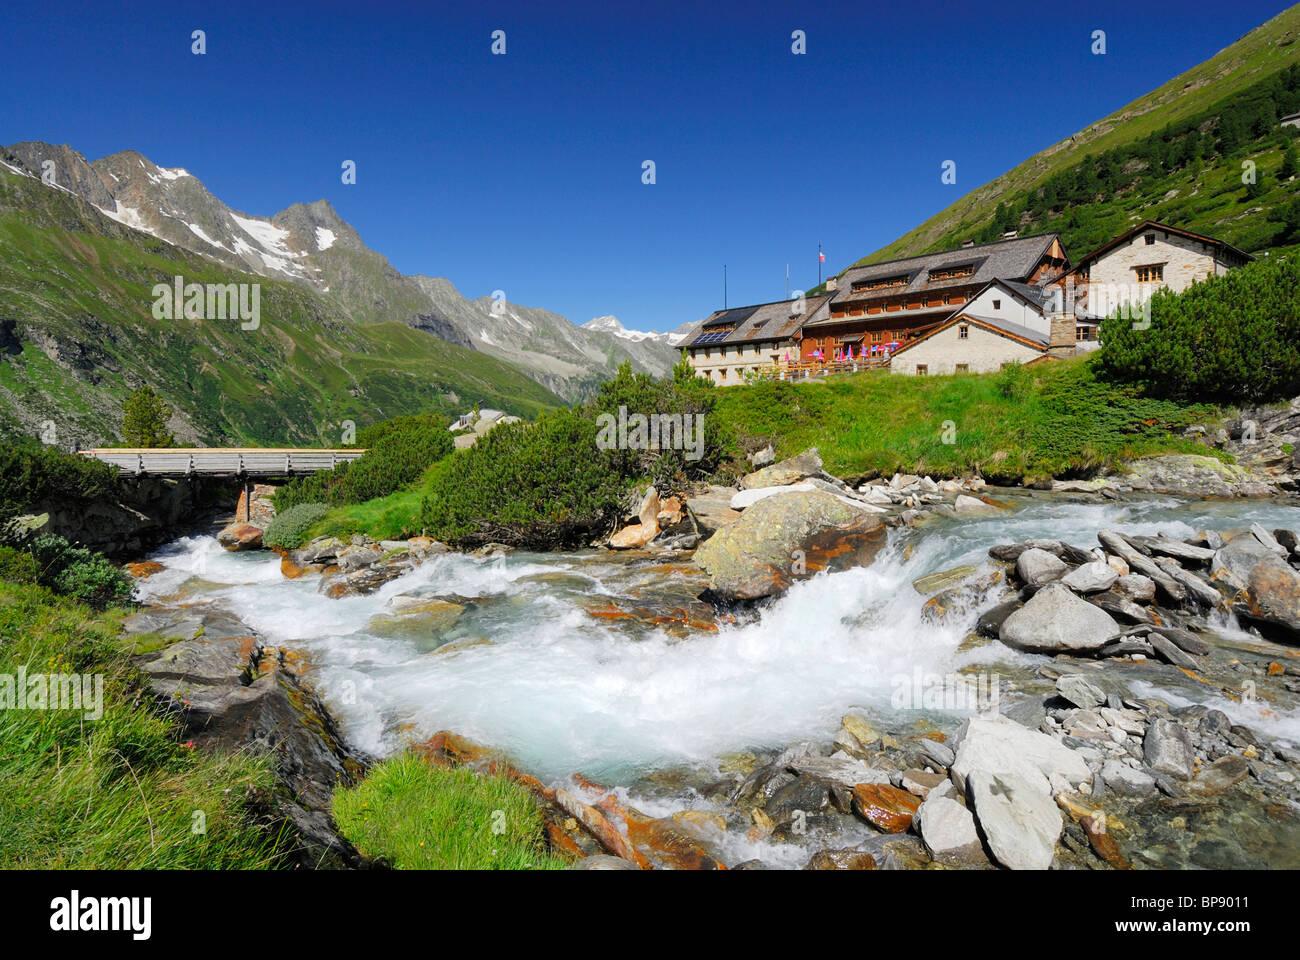 Stream Zemmbach near hut Berliner Huette, Zillertal, Zillertal Alps, Tyrol, Austria Stock Photo